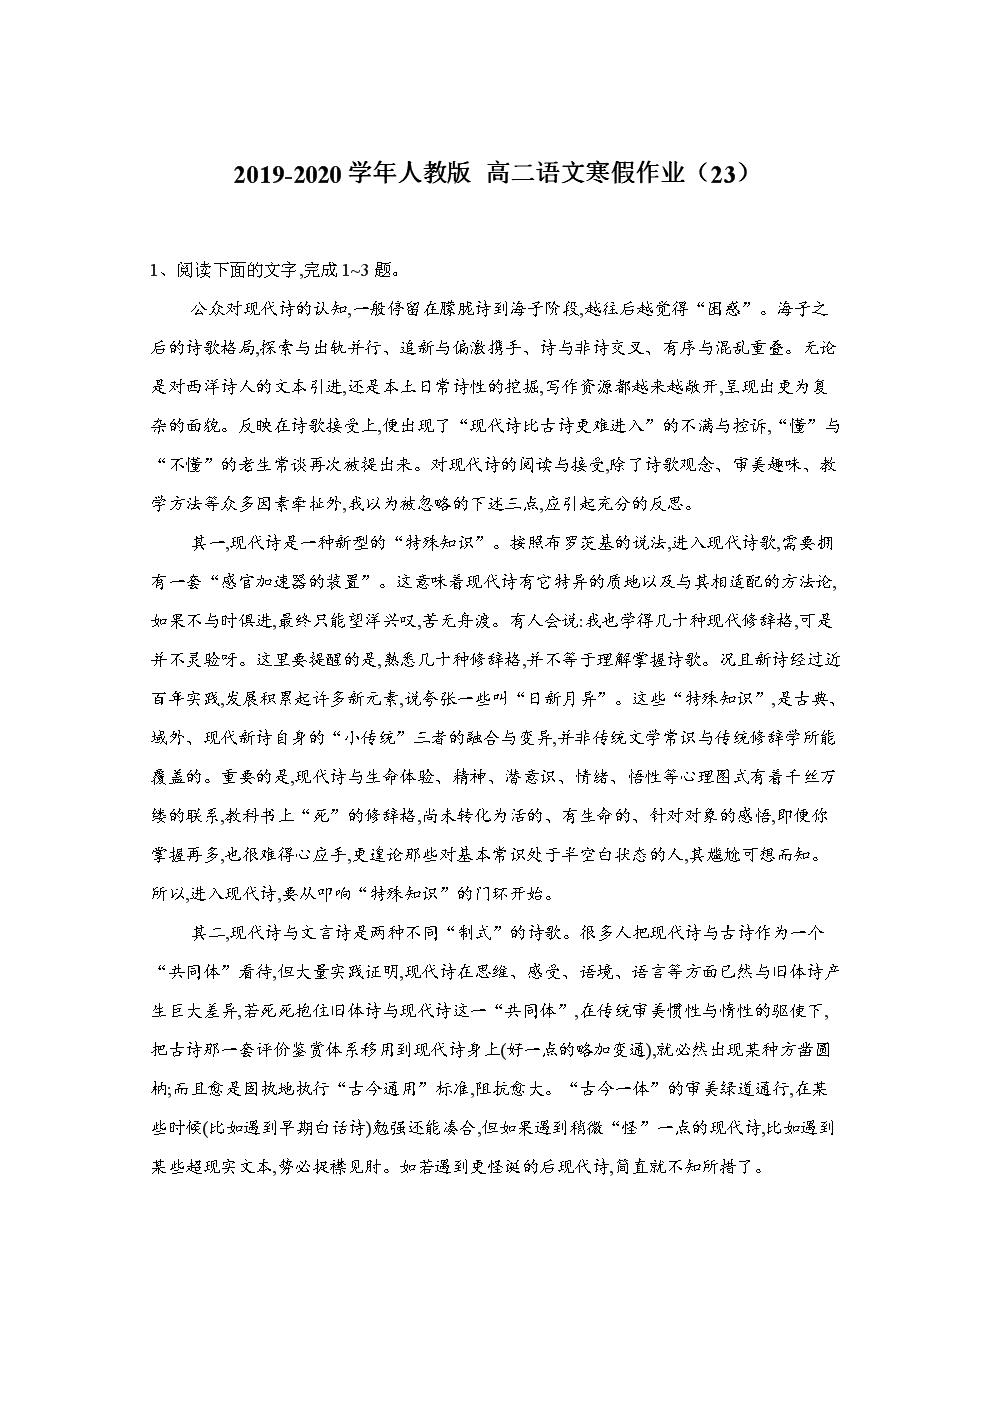 2019-2020学年人教版 高二语文寒假作业(23) Word版含答案.doc